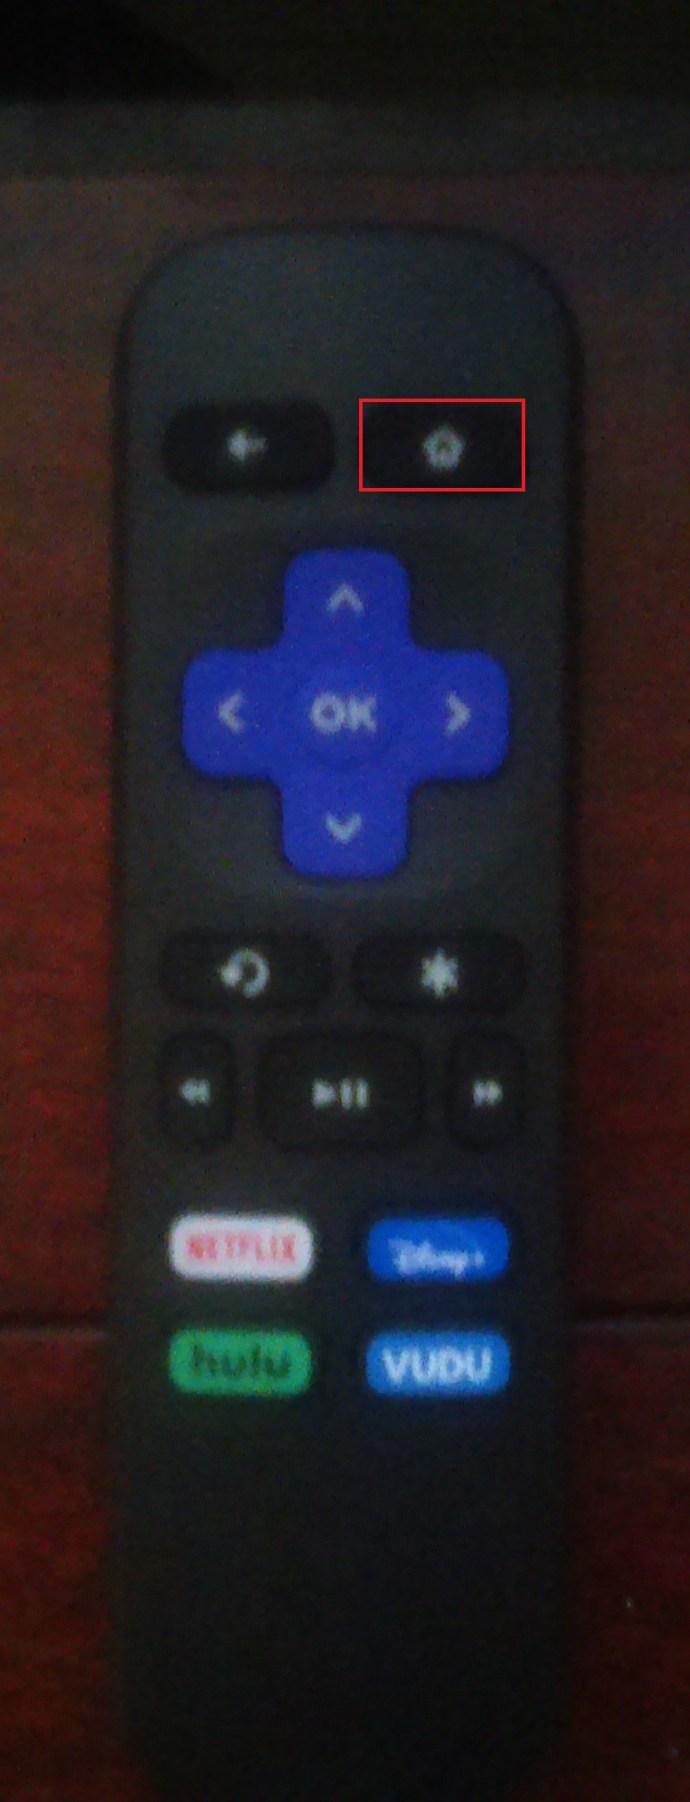 Roku remote 2